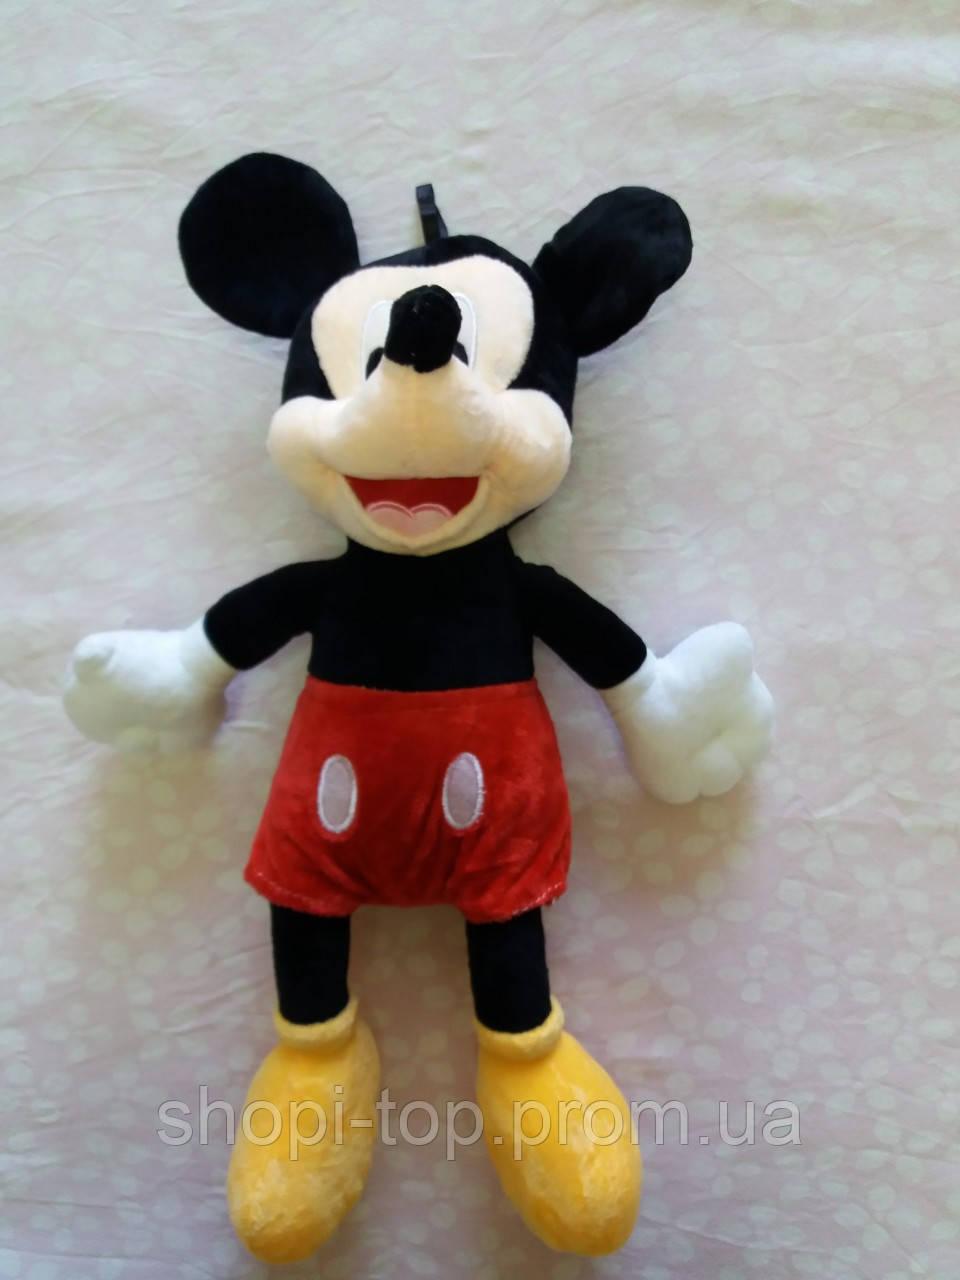 """Мягкая игрушка Микки Маус мини 40 см. """"Микки Маус и его друзья"""" Дисней/Disney"""